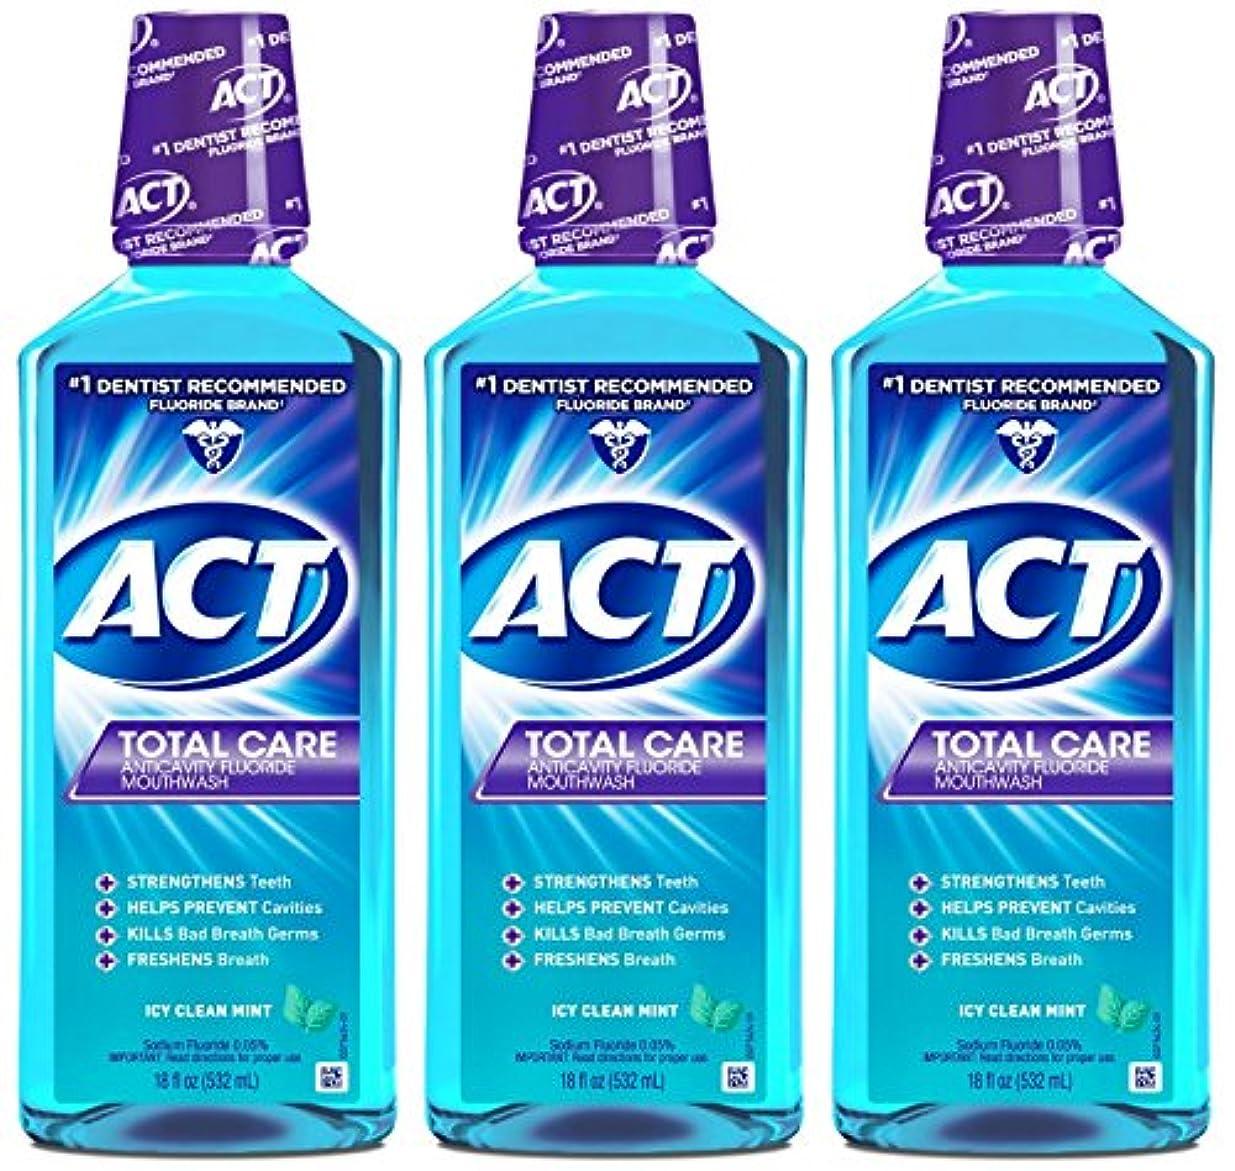 環境ソファー新年ACT トータルケア虫歯予防フッ素うがい薬アイシークリーンミント18オンス(4パック) 4パック